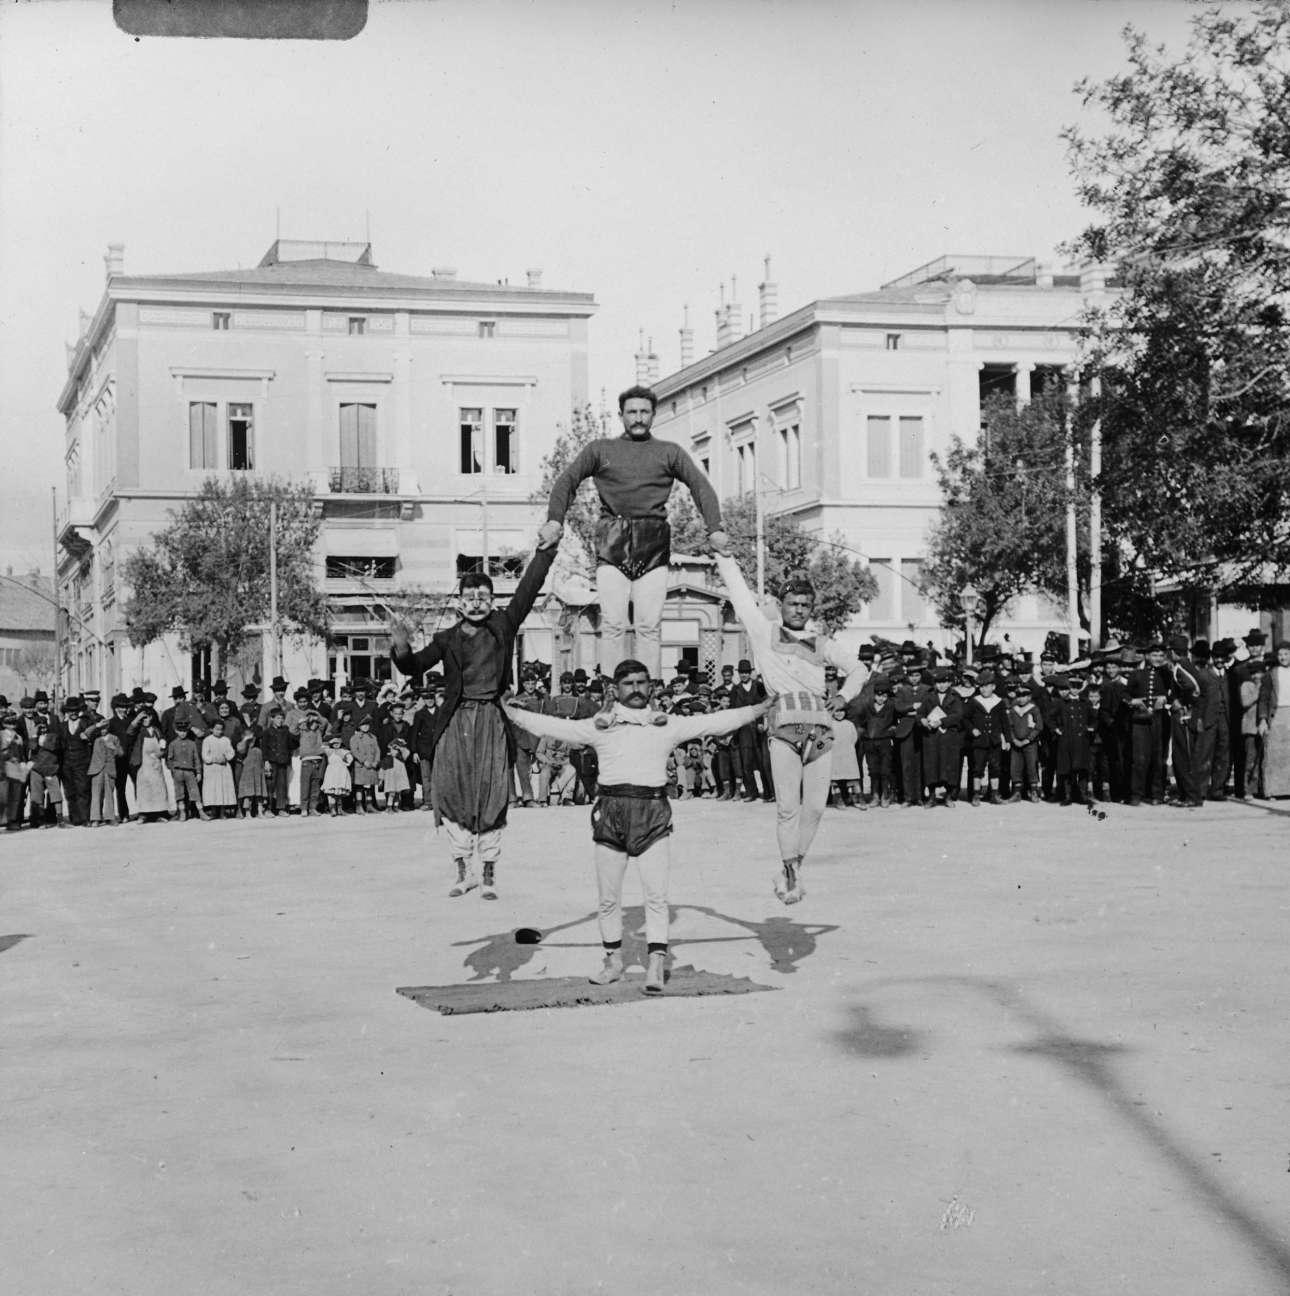 Ακροβάτες στην πλατεία Συντάγματος. Στο βάθος διακρίνονται τα μέγαρα Ιωάννου Βούρου και Στεφάνου Σκουλούδη